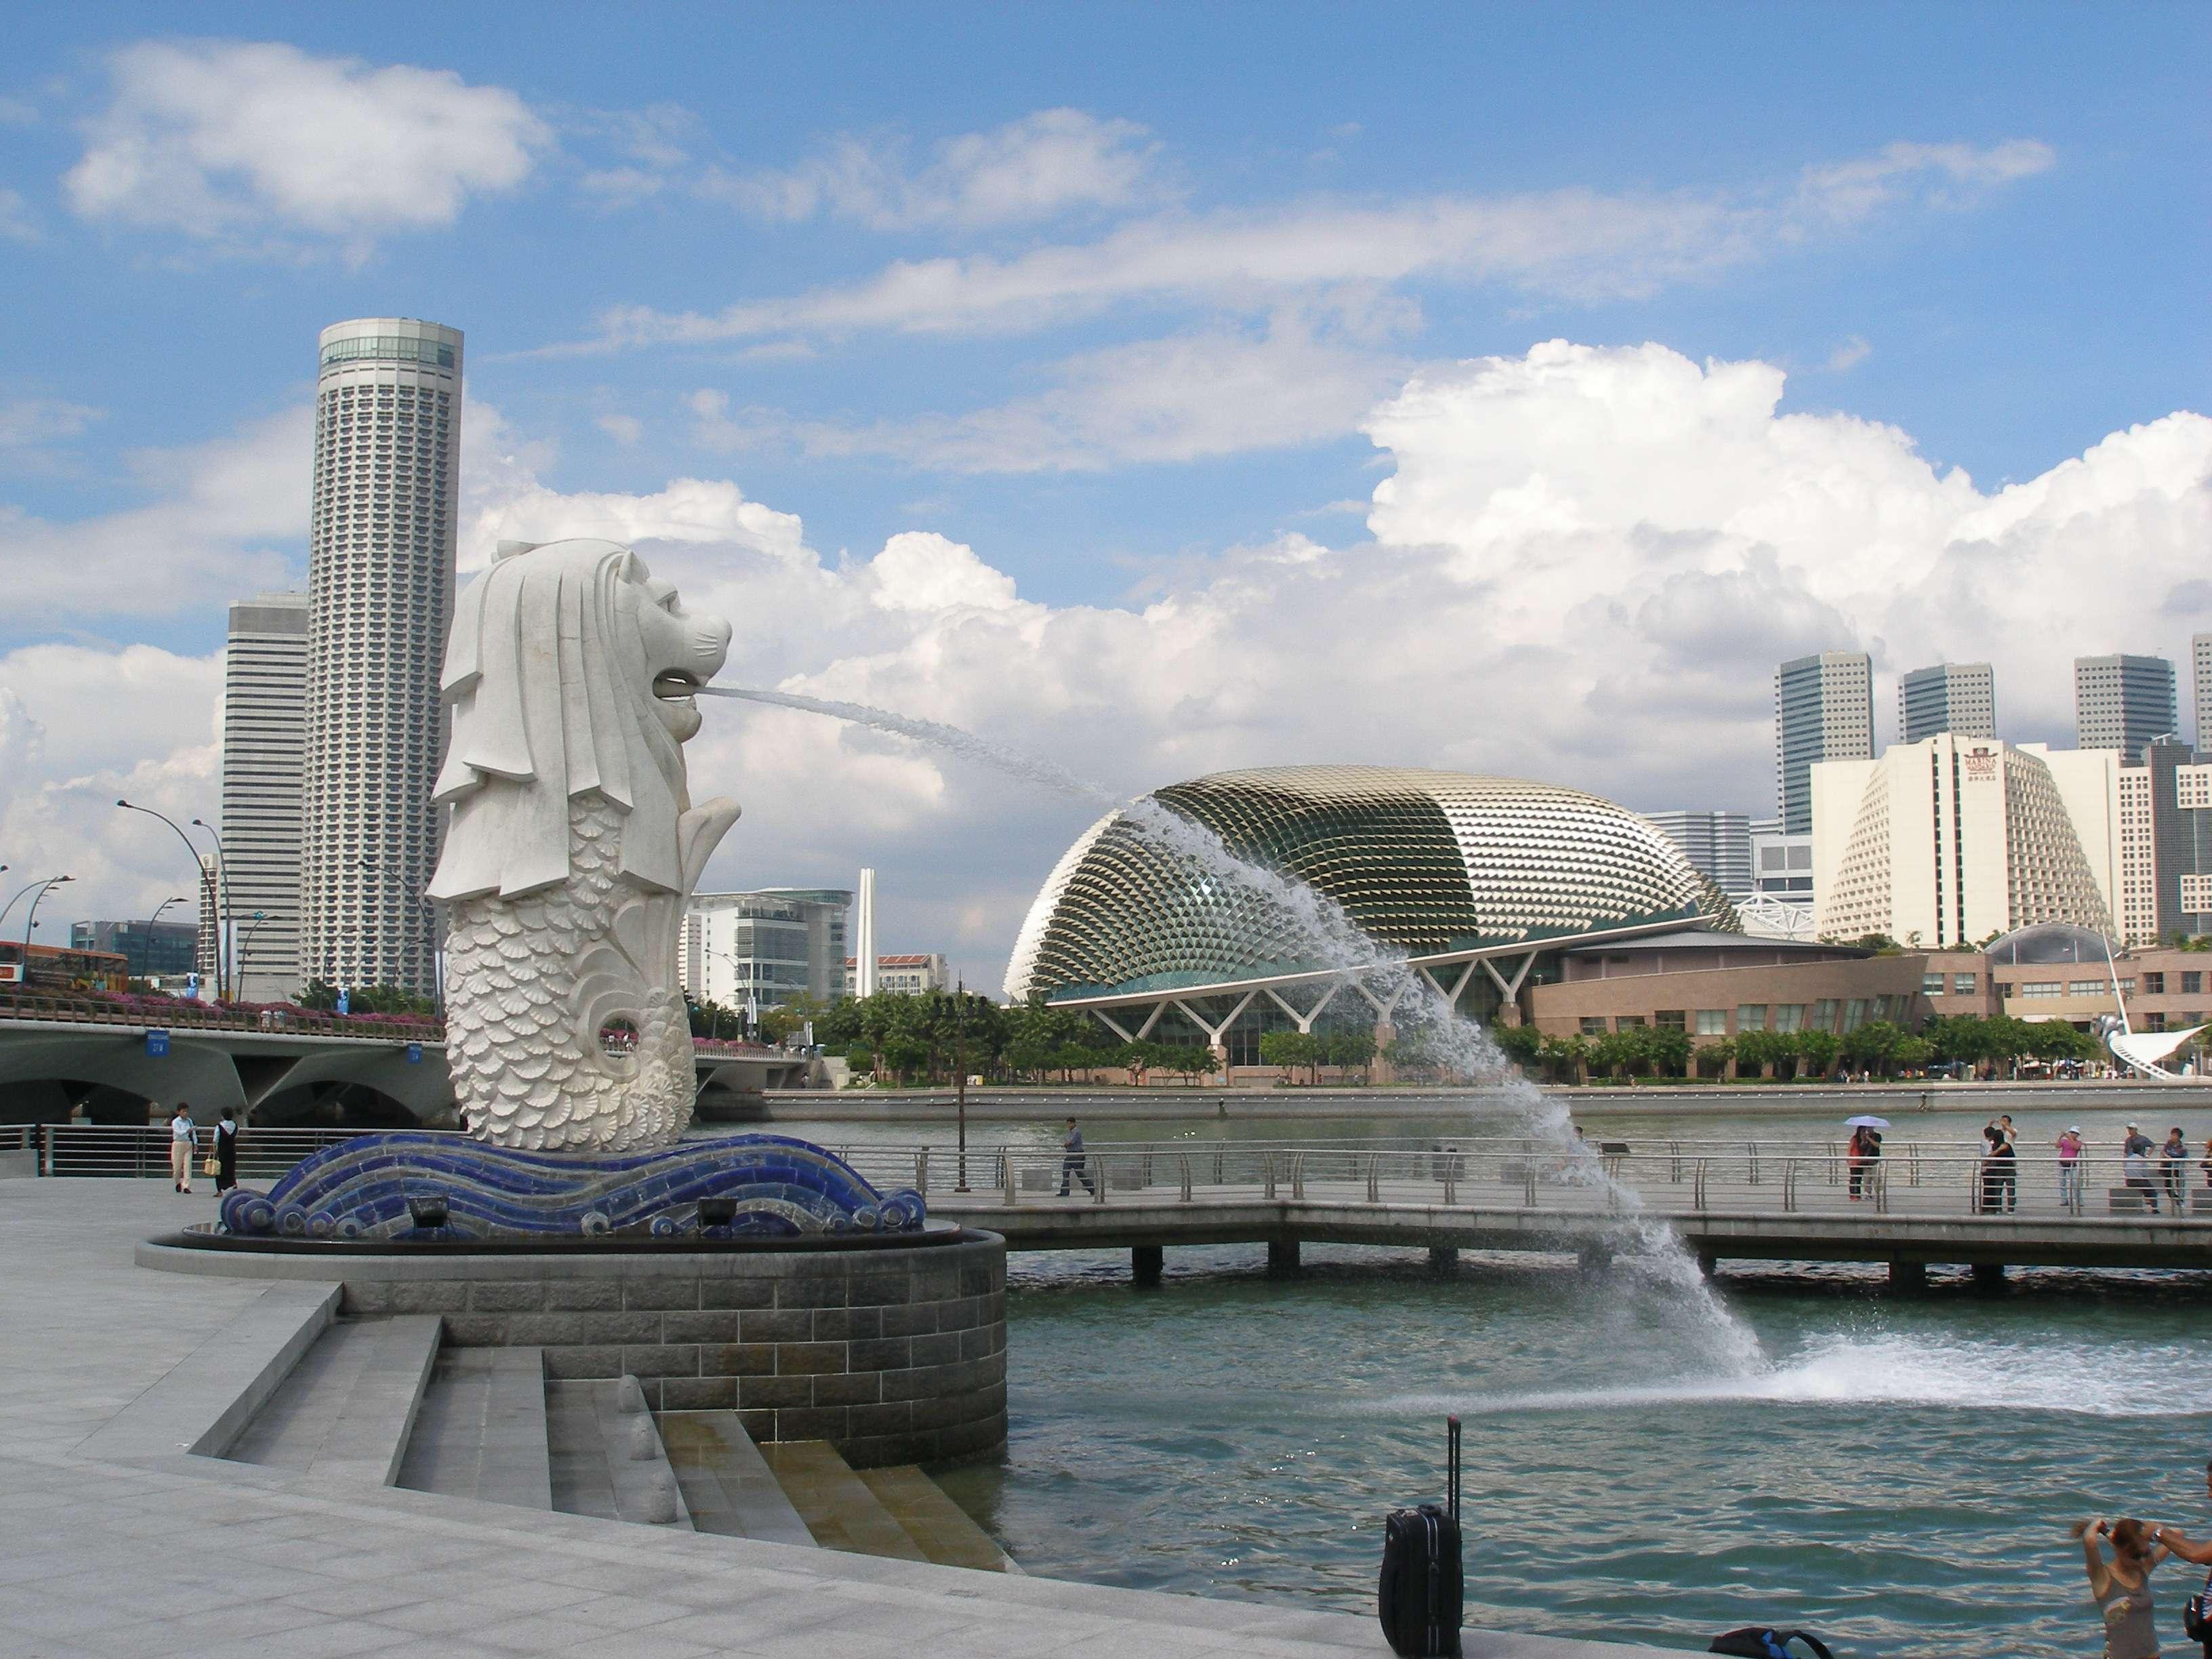 2/2新航线-新加坡-吉隆坡-槟城-普吉岛-新加坡7晚8天